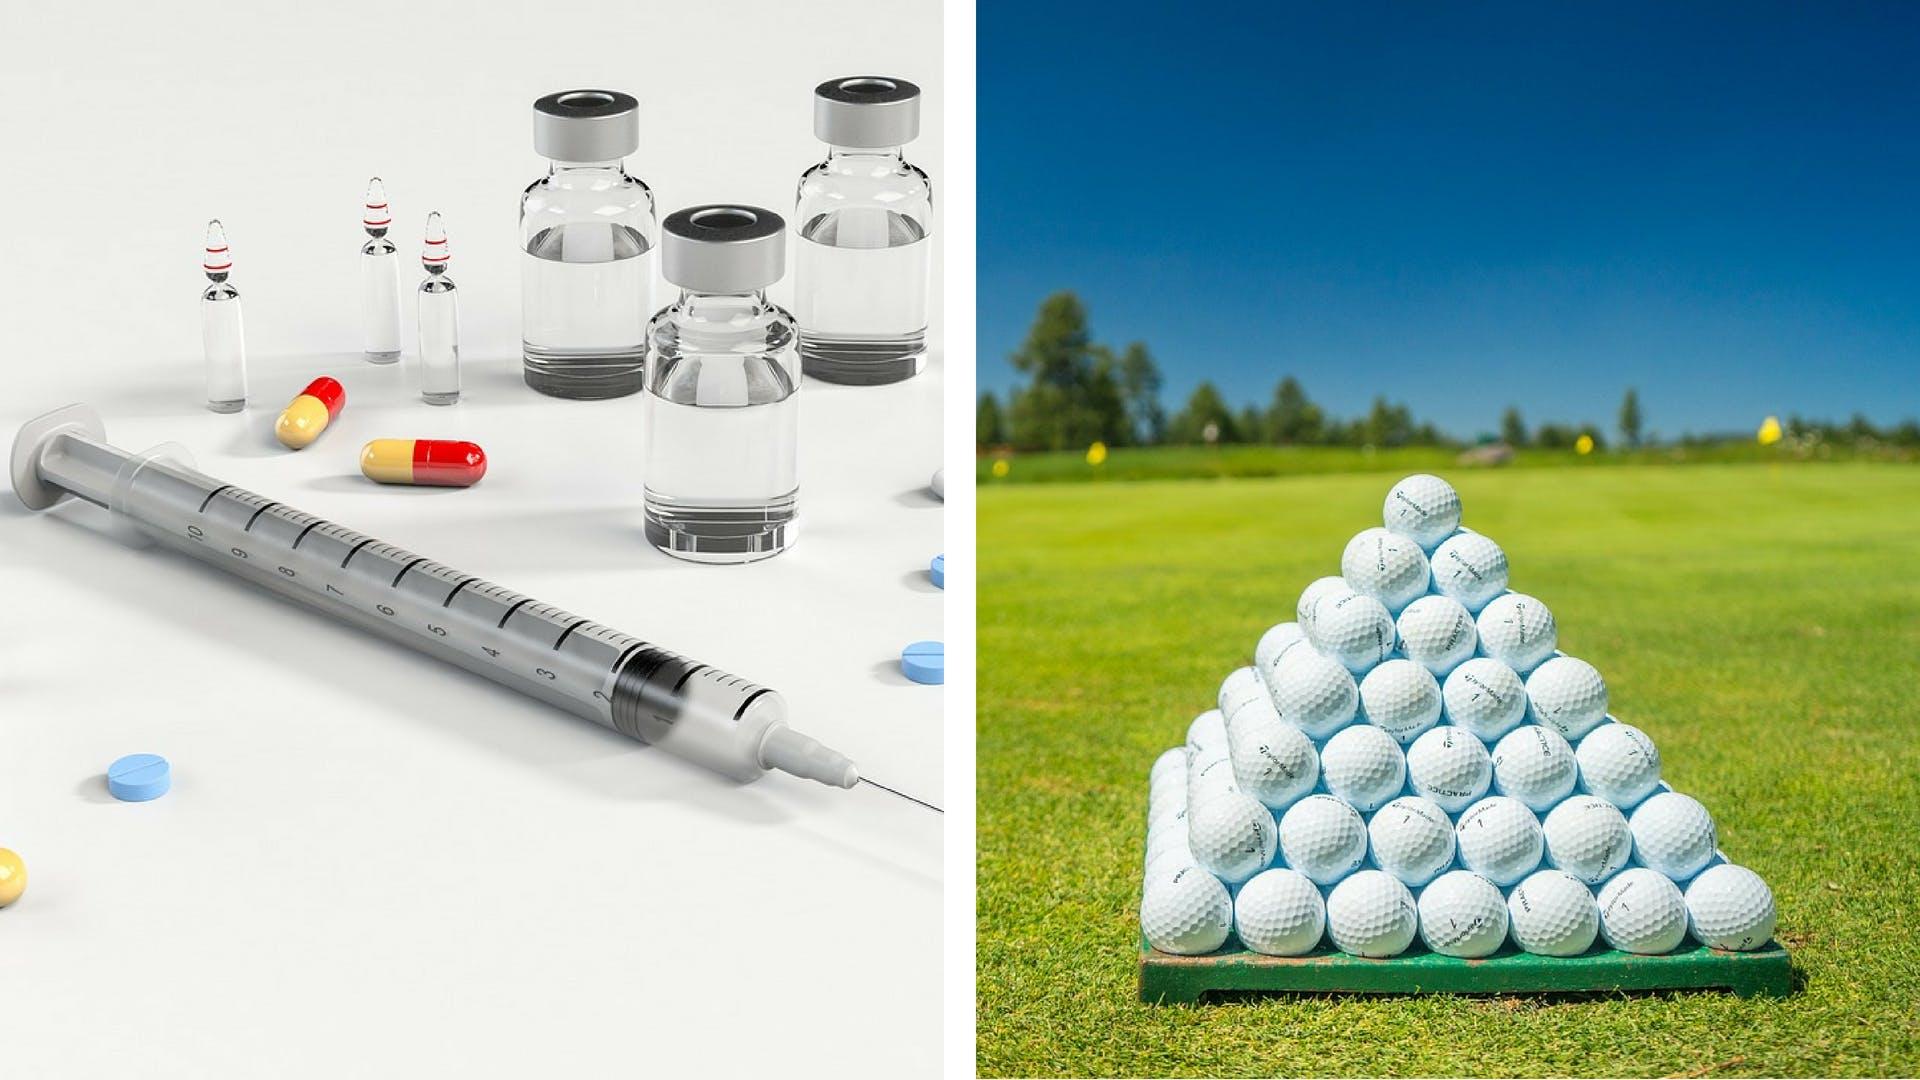 Medicinal products vs. Golf balls